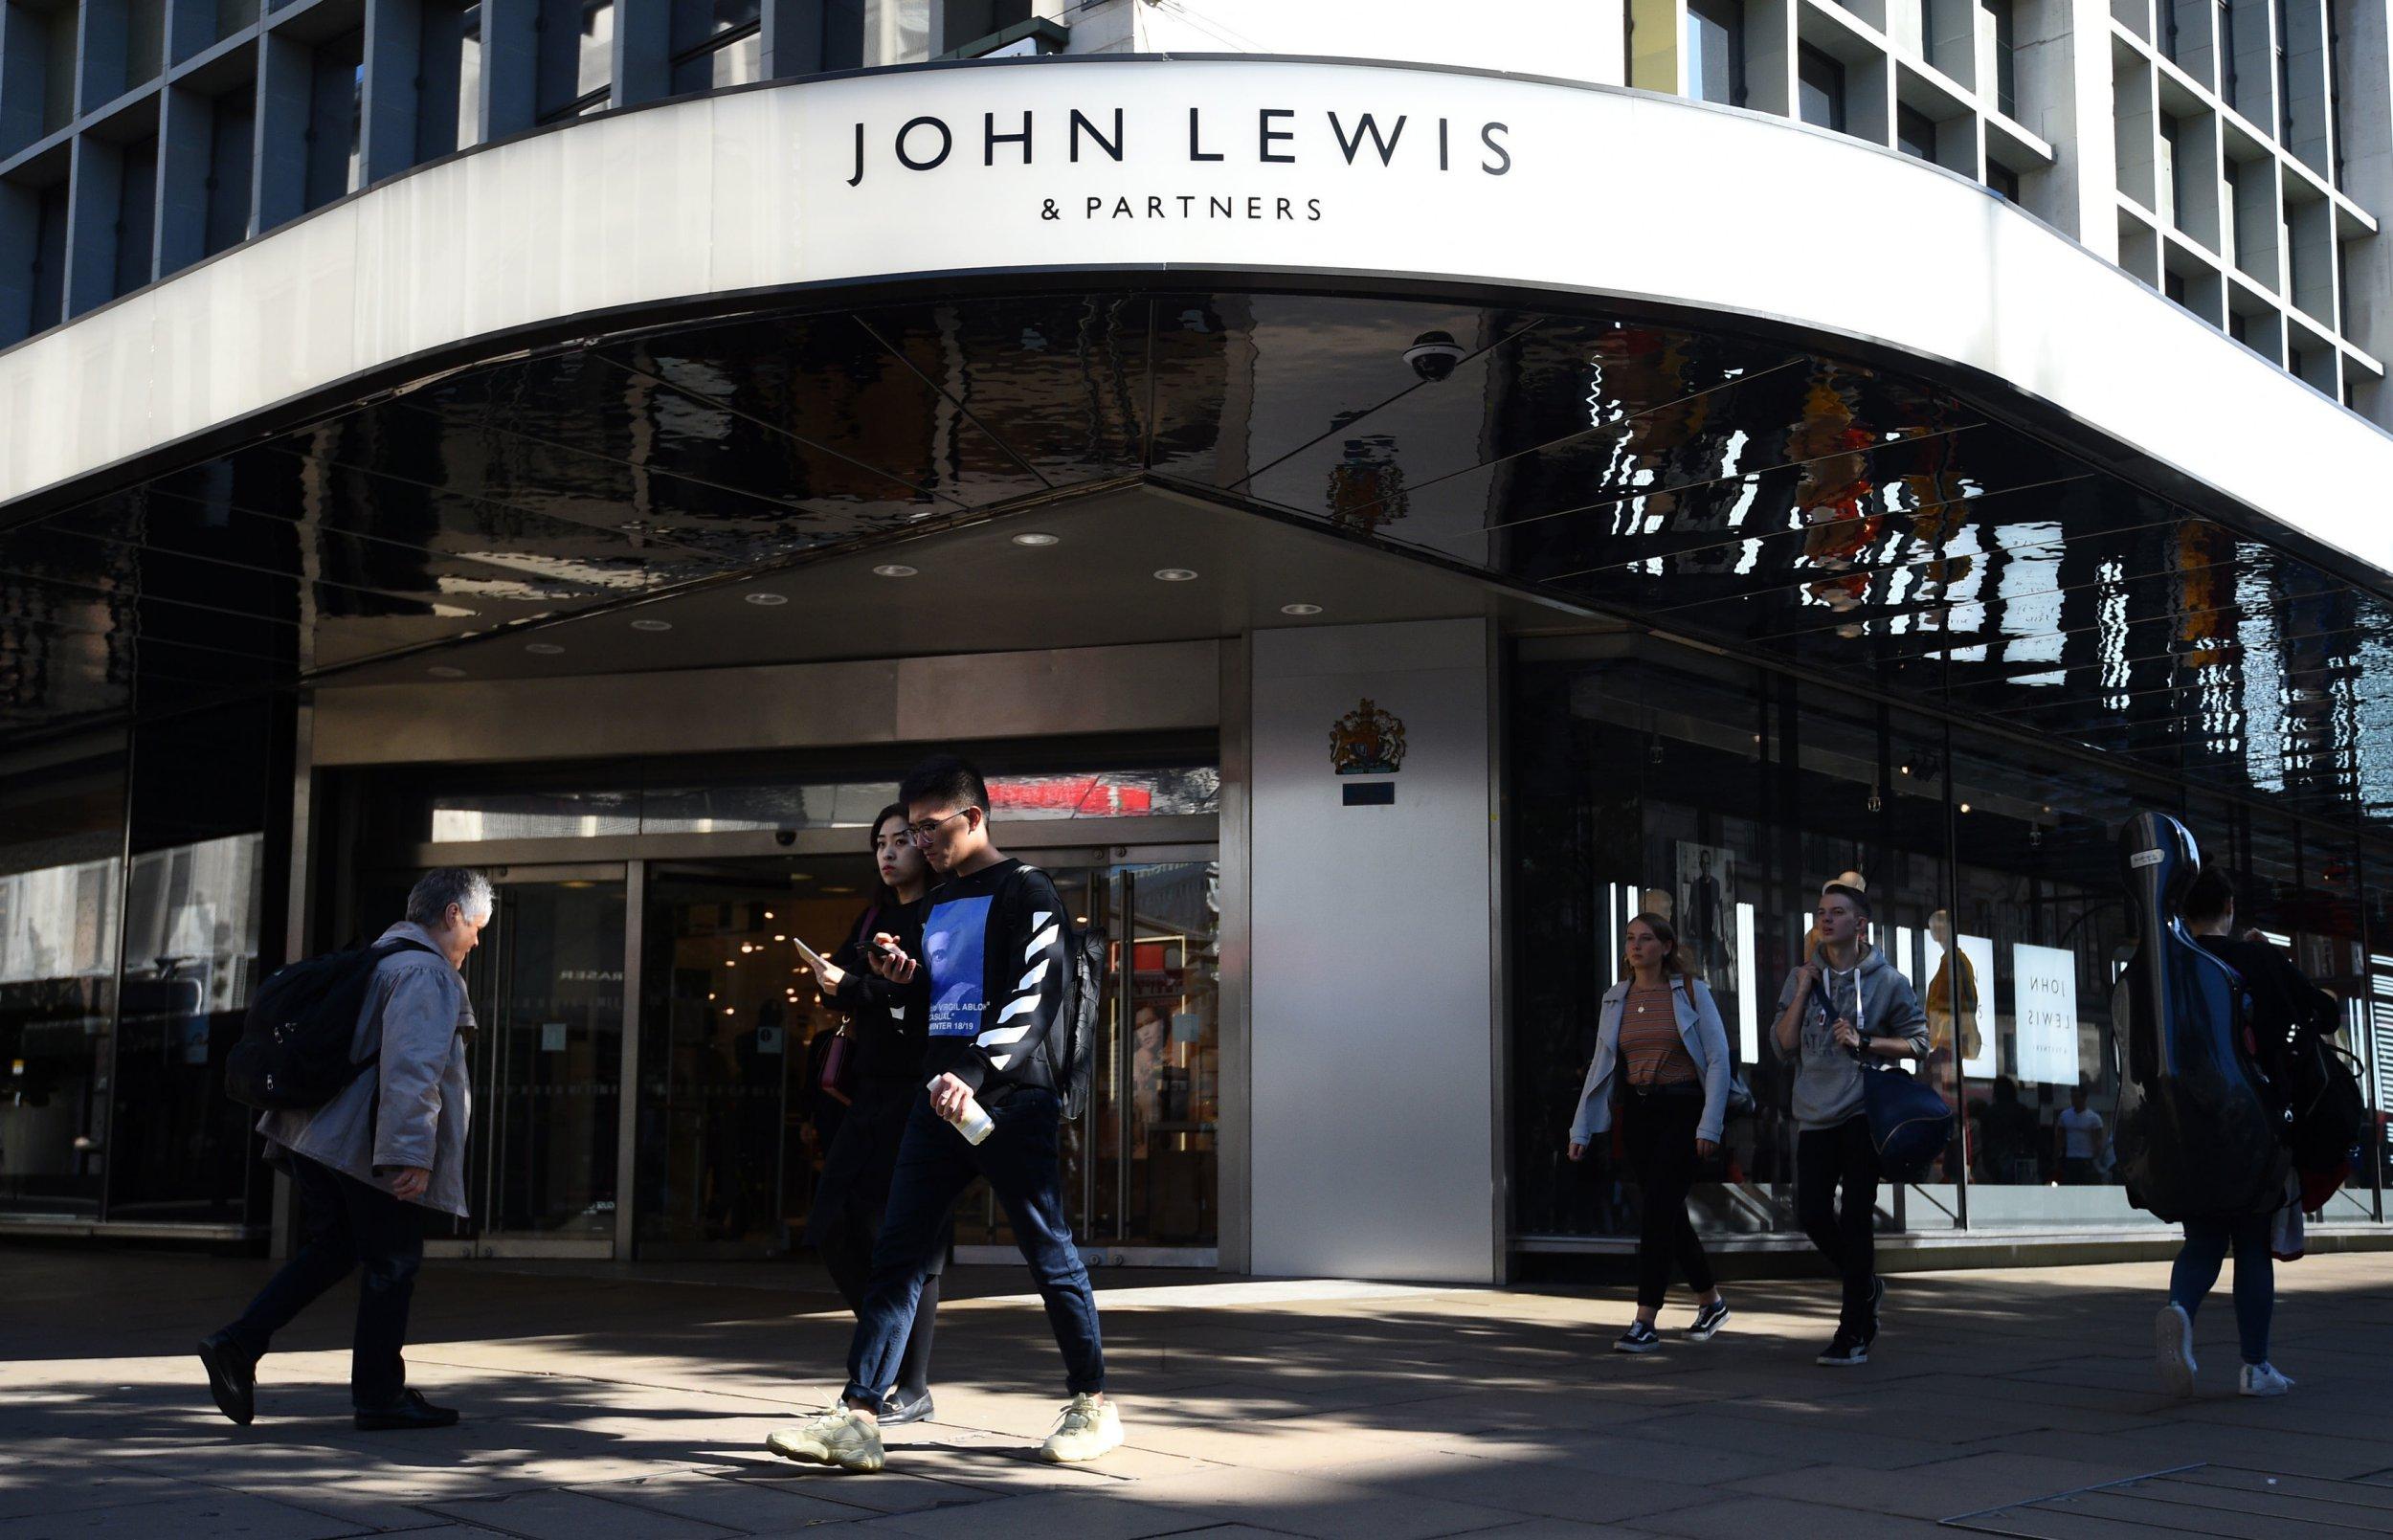 Coronavirus: John Lewis closes all 50 stores amid drop in